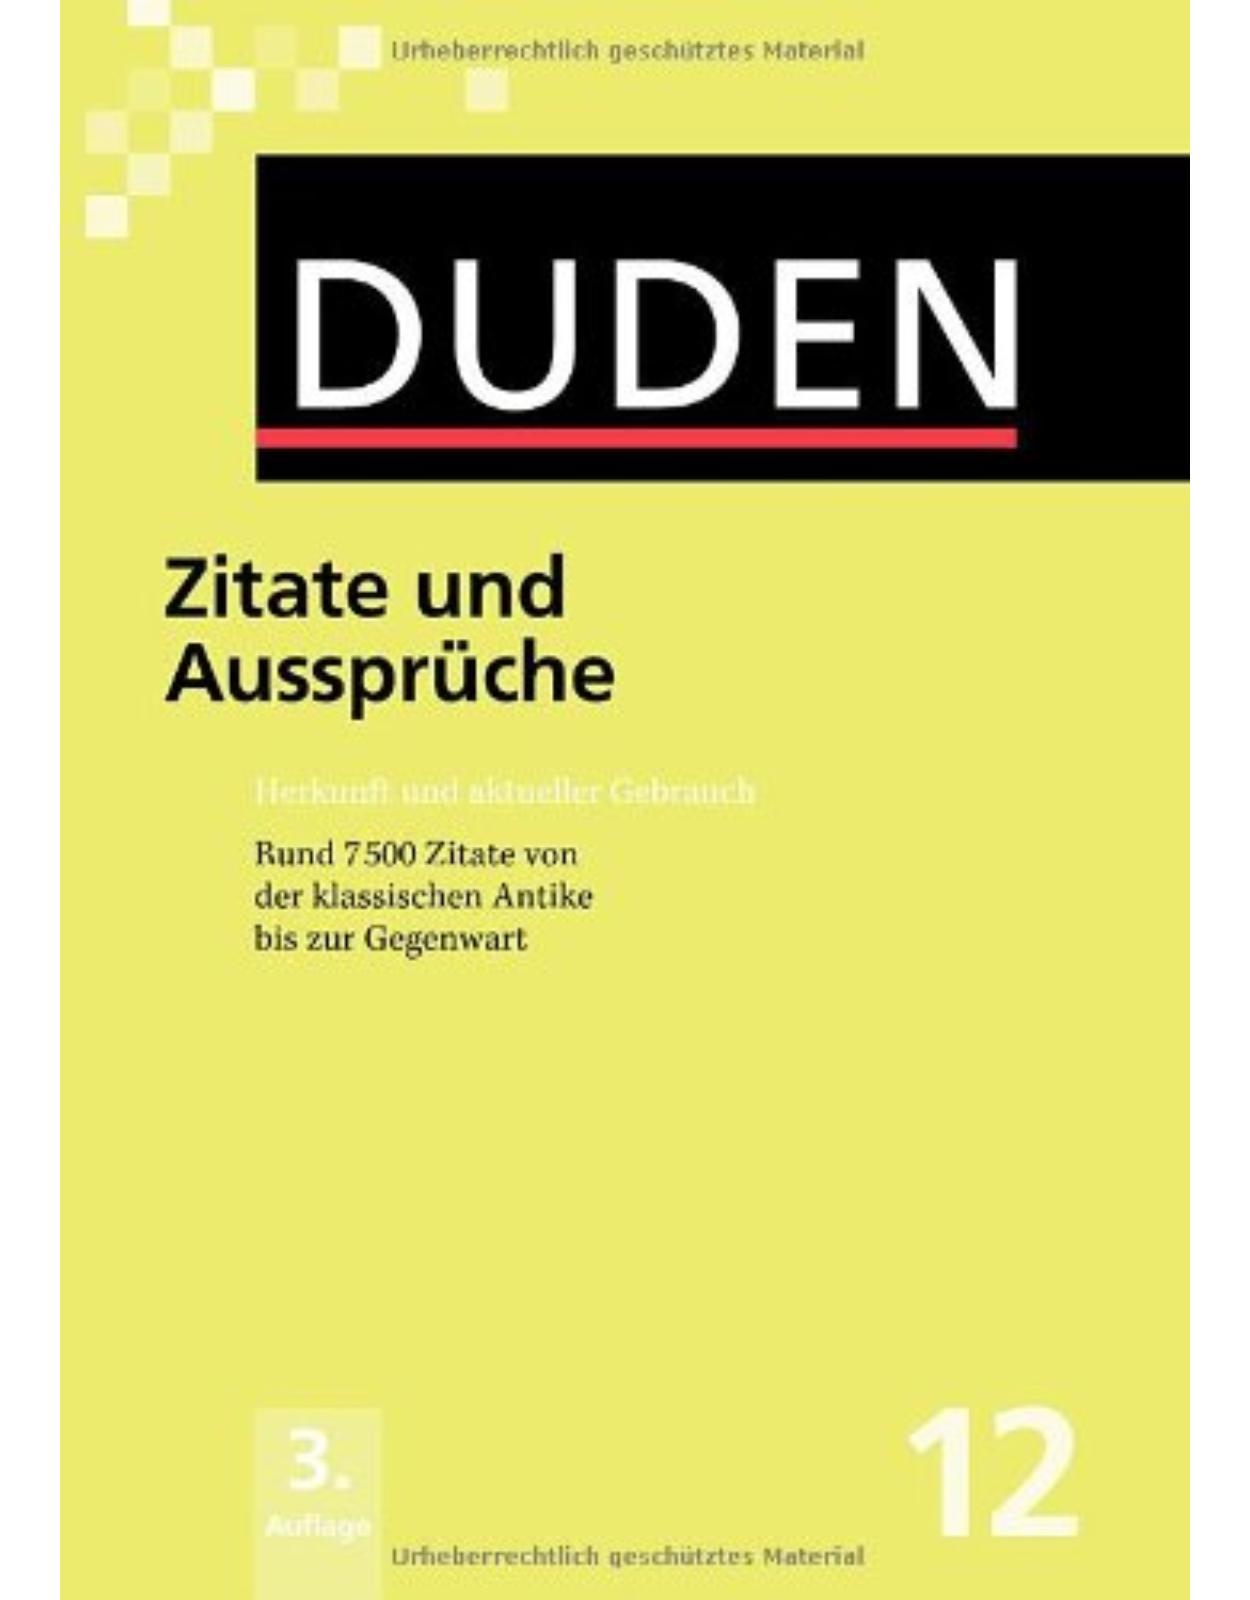 Duden BD. 12 - Zitate/ Ausspr